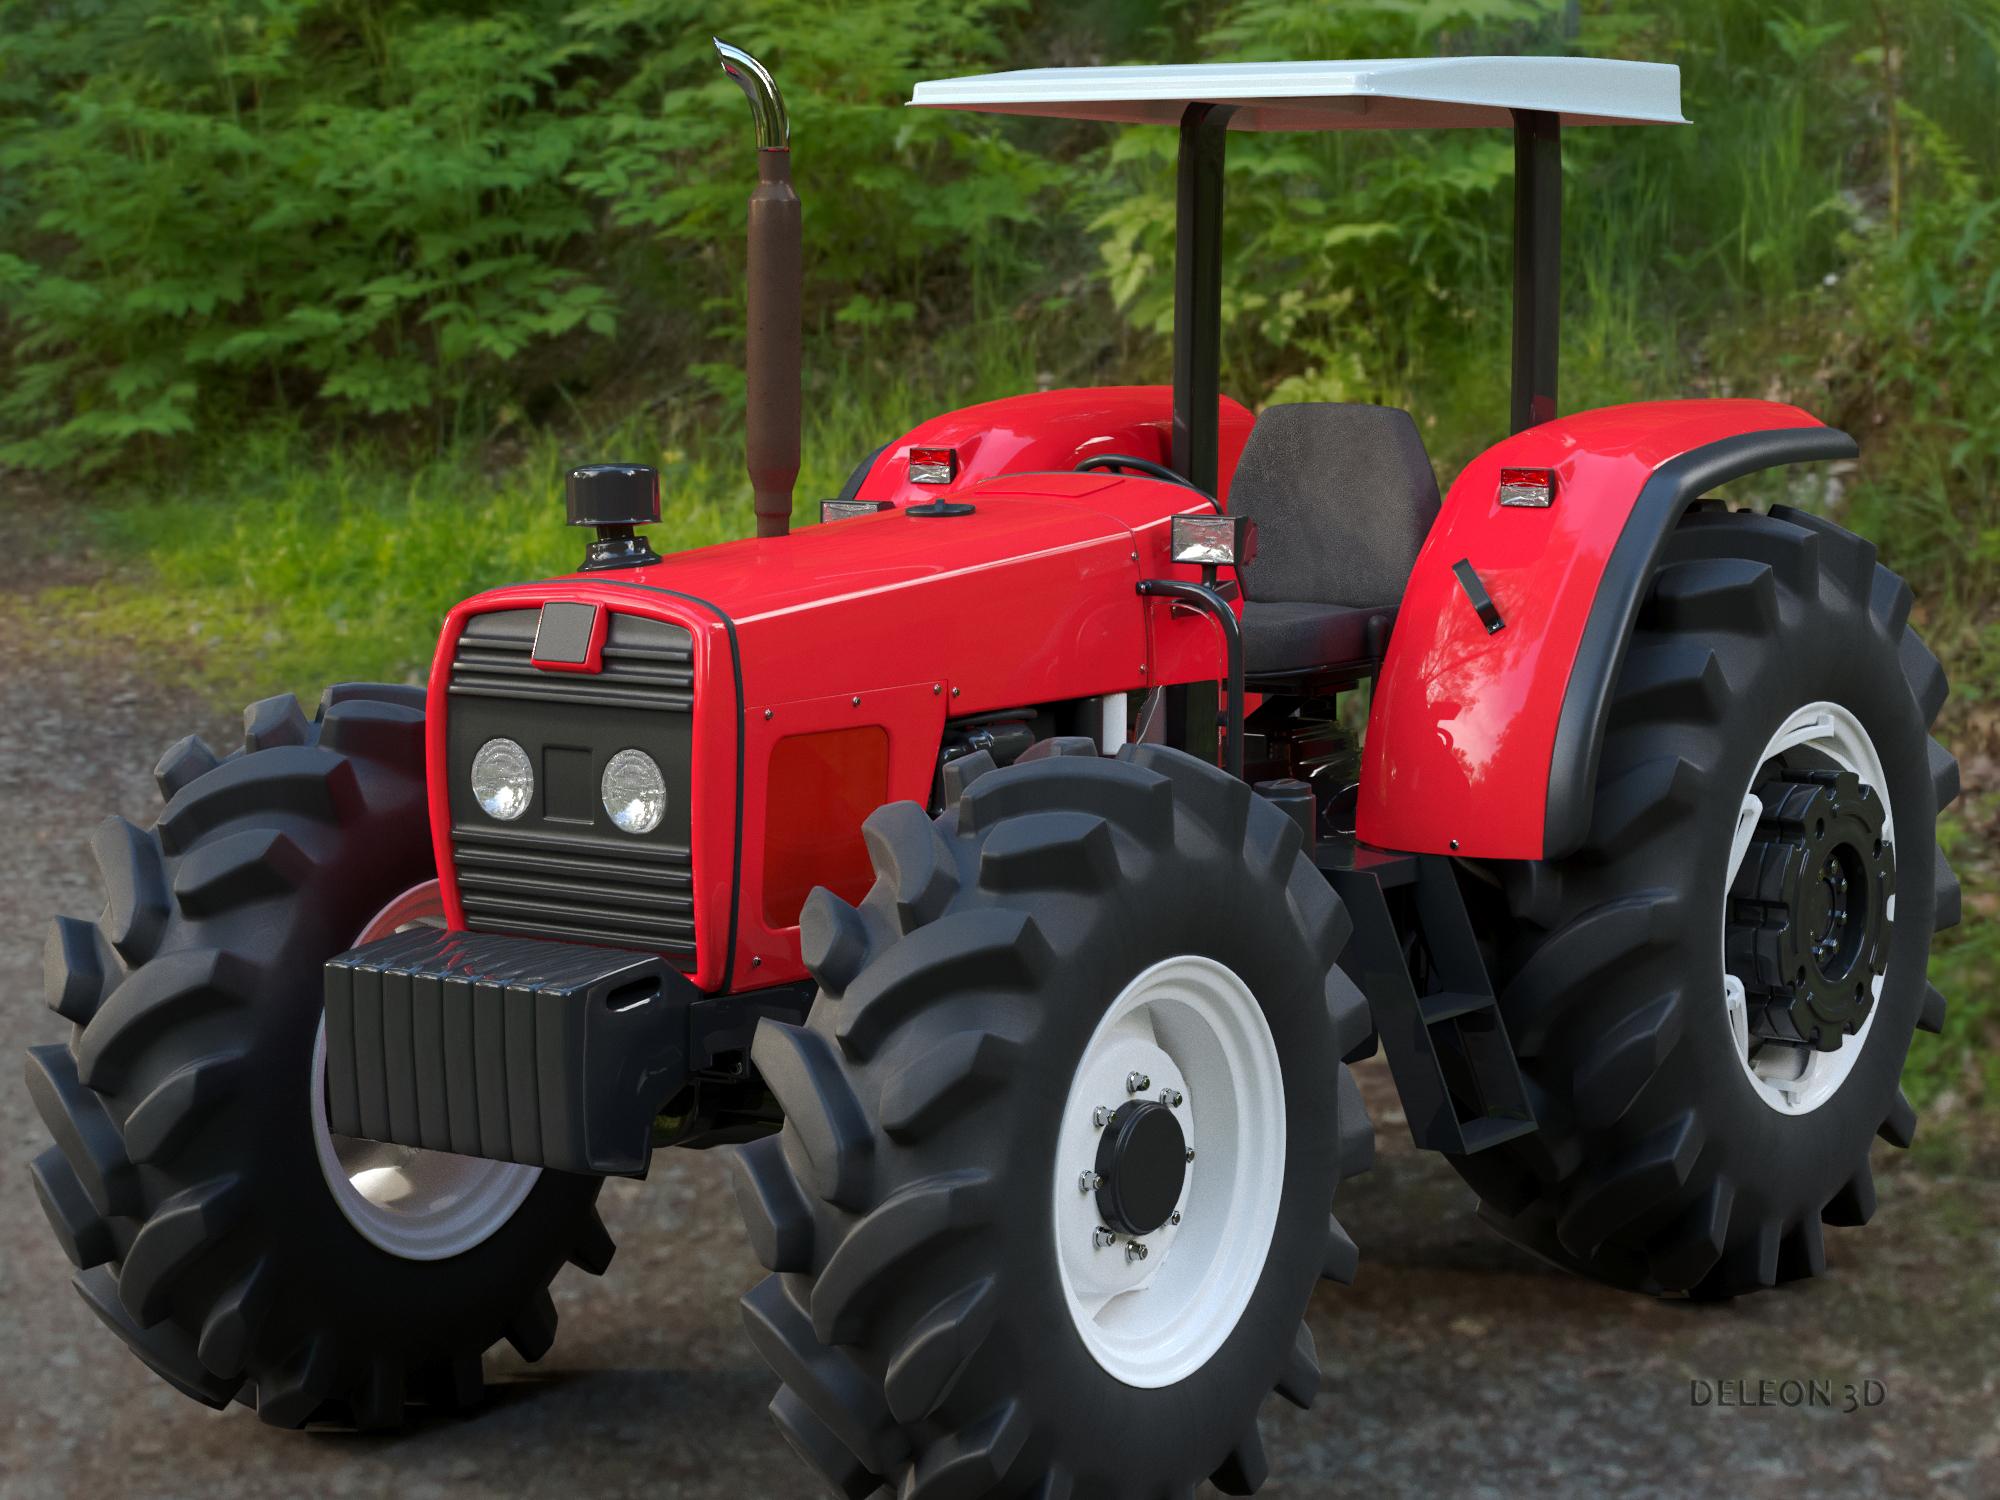 model generig tractor 3d max max max max c4d fbx lxo obj stl jpeg 264116